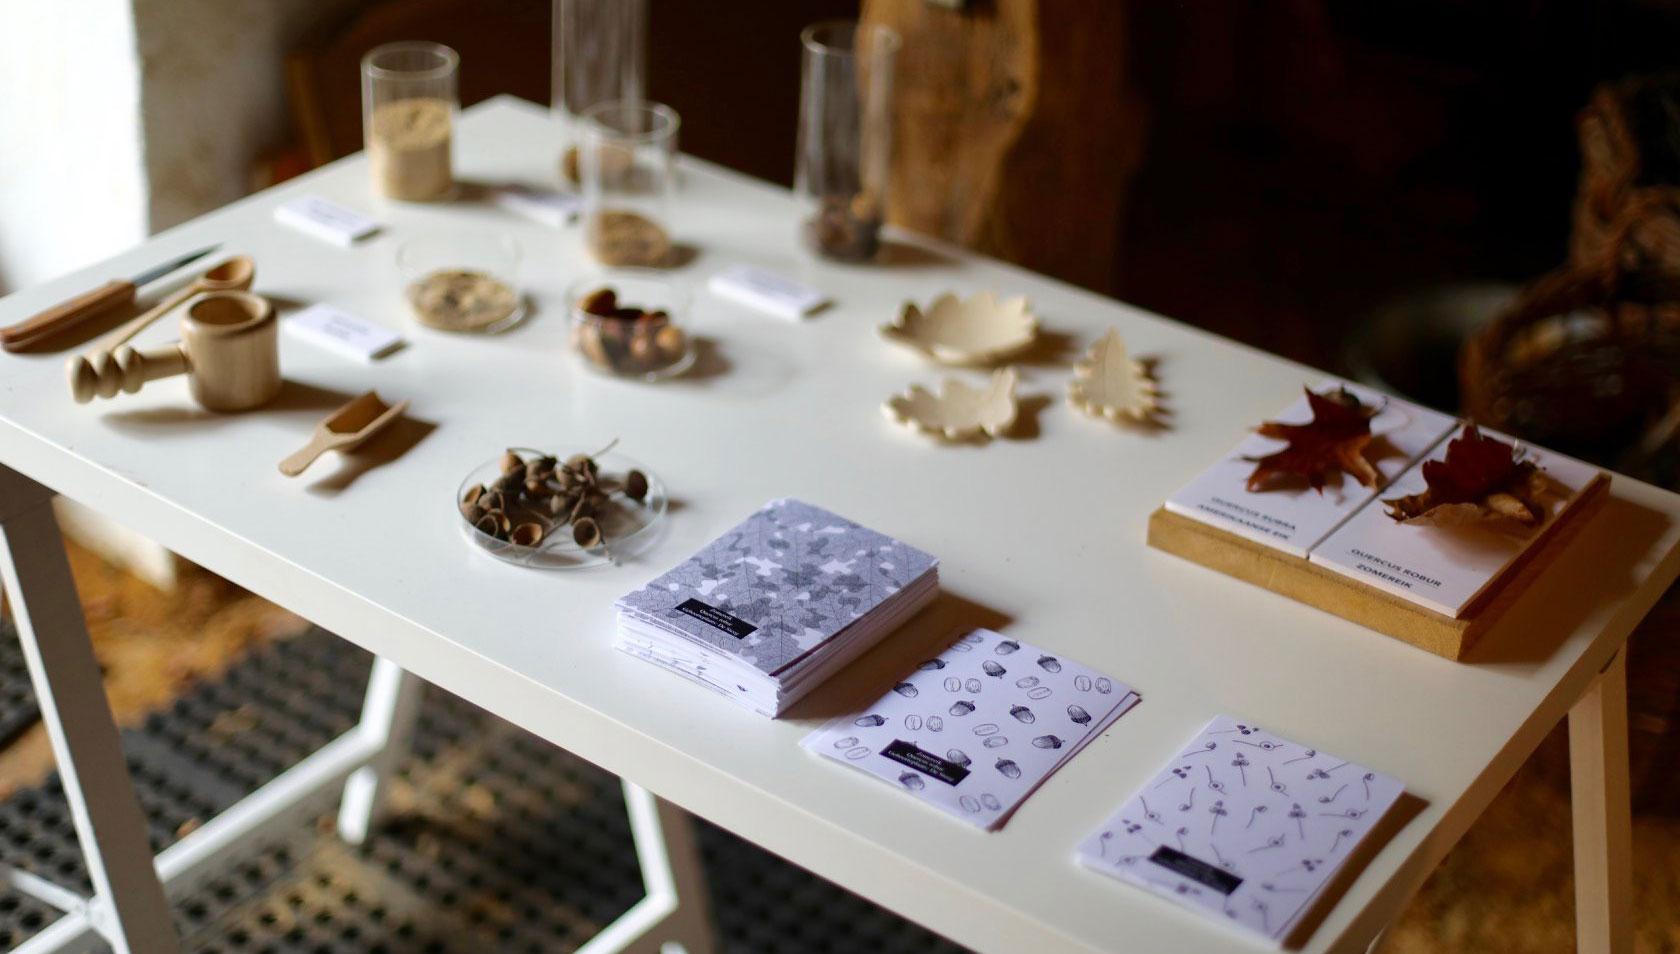 Openluchtmuseum Gruwelijk Lekker winterevent | Photo by Jeannette van Mullem - Puur uit eten